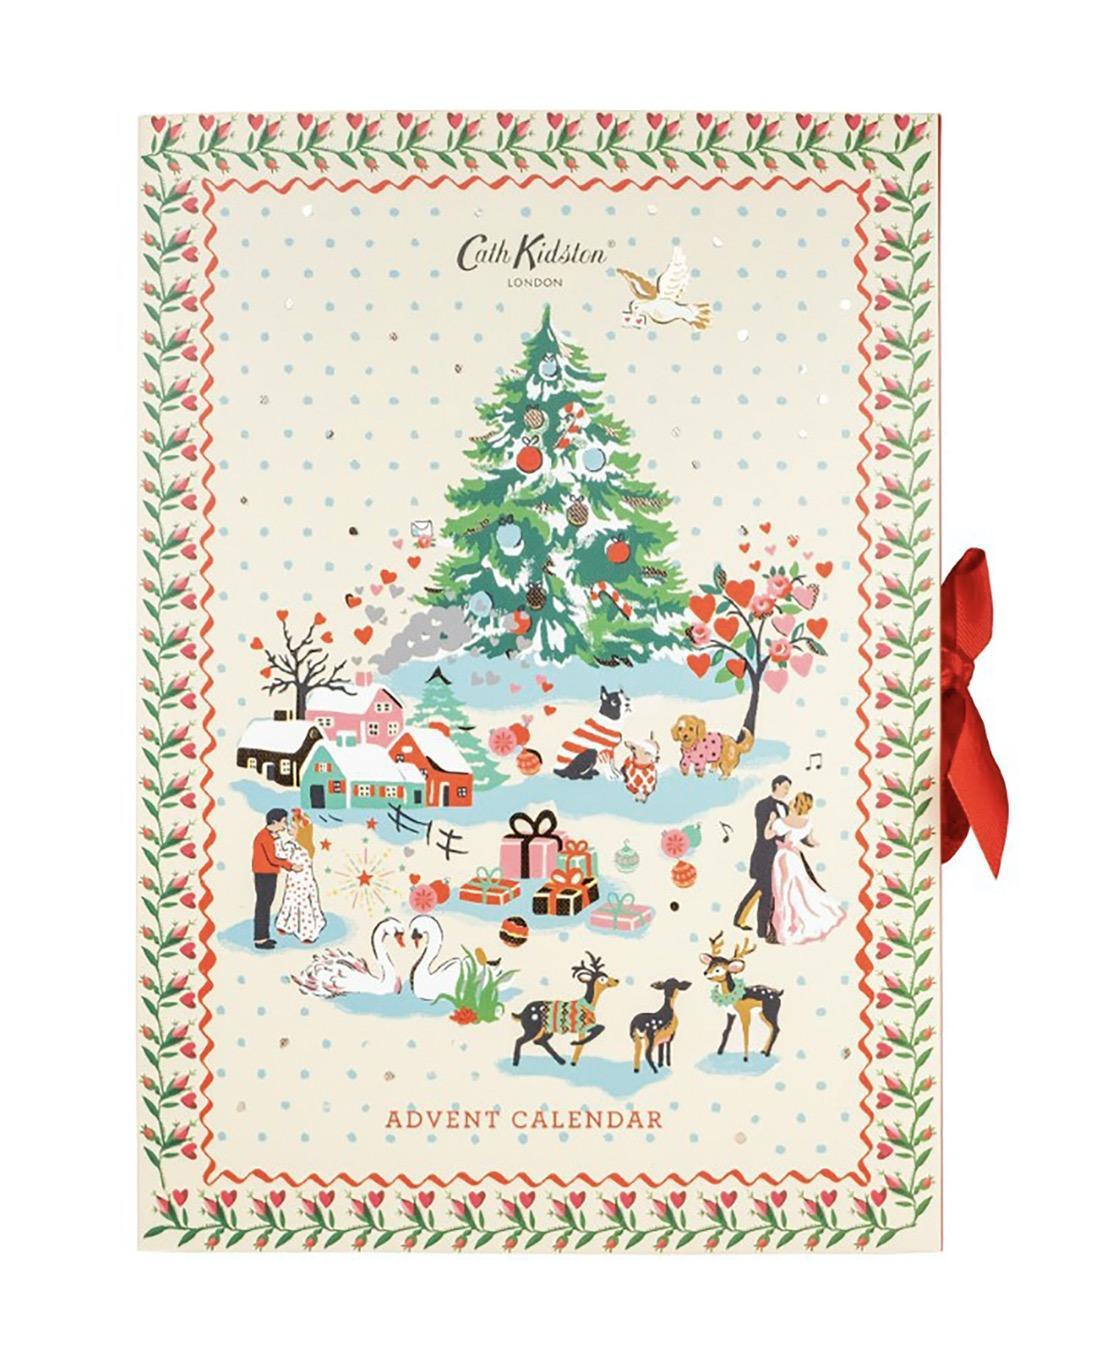 Cath Kidston Christmas Beauty 2021 Advent Calendar  – On Sale Now